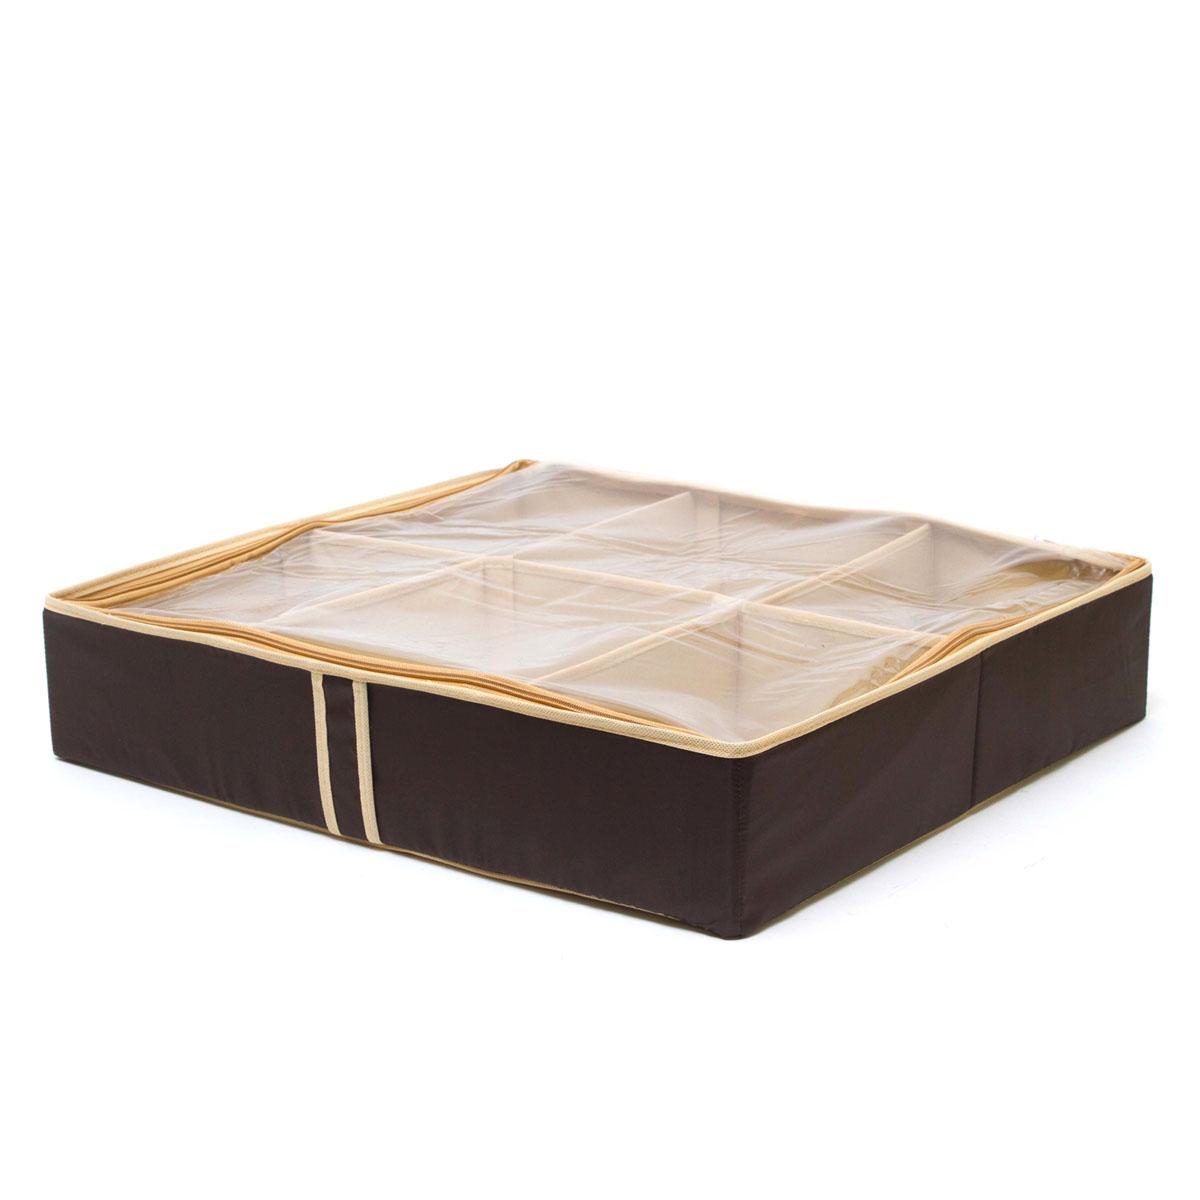 Органайзер для хранения обуви Homsu Costa-Rica, 6 секций, 56 х 52 х 12 смHOM-45Компактный складной органайзер Homsu Costa-Rica изготовлен из высококачественного полиэстера, который обеспечивает естественную вентиляцию. Материал позволяет воздуху свободно проникать внутрь, но не пропускает пыль. Органайзер отлично держит форму, благодаря вставкам из плотного картона. Изделие имеет 6 секций для хранения обуви. Такой органайзер позволит вам хранить вещи компактно и удобно. Размер секции: 10 х 7 см.